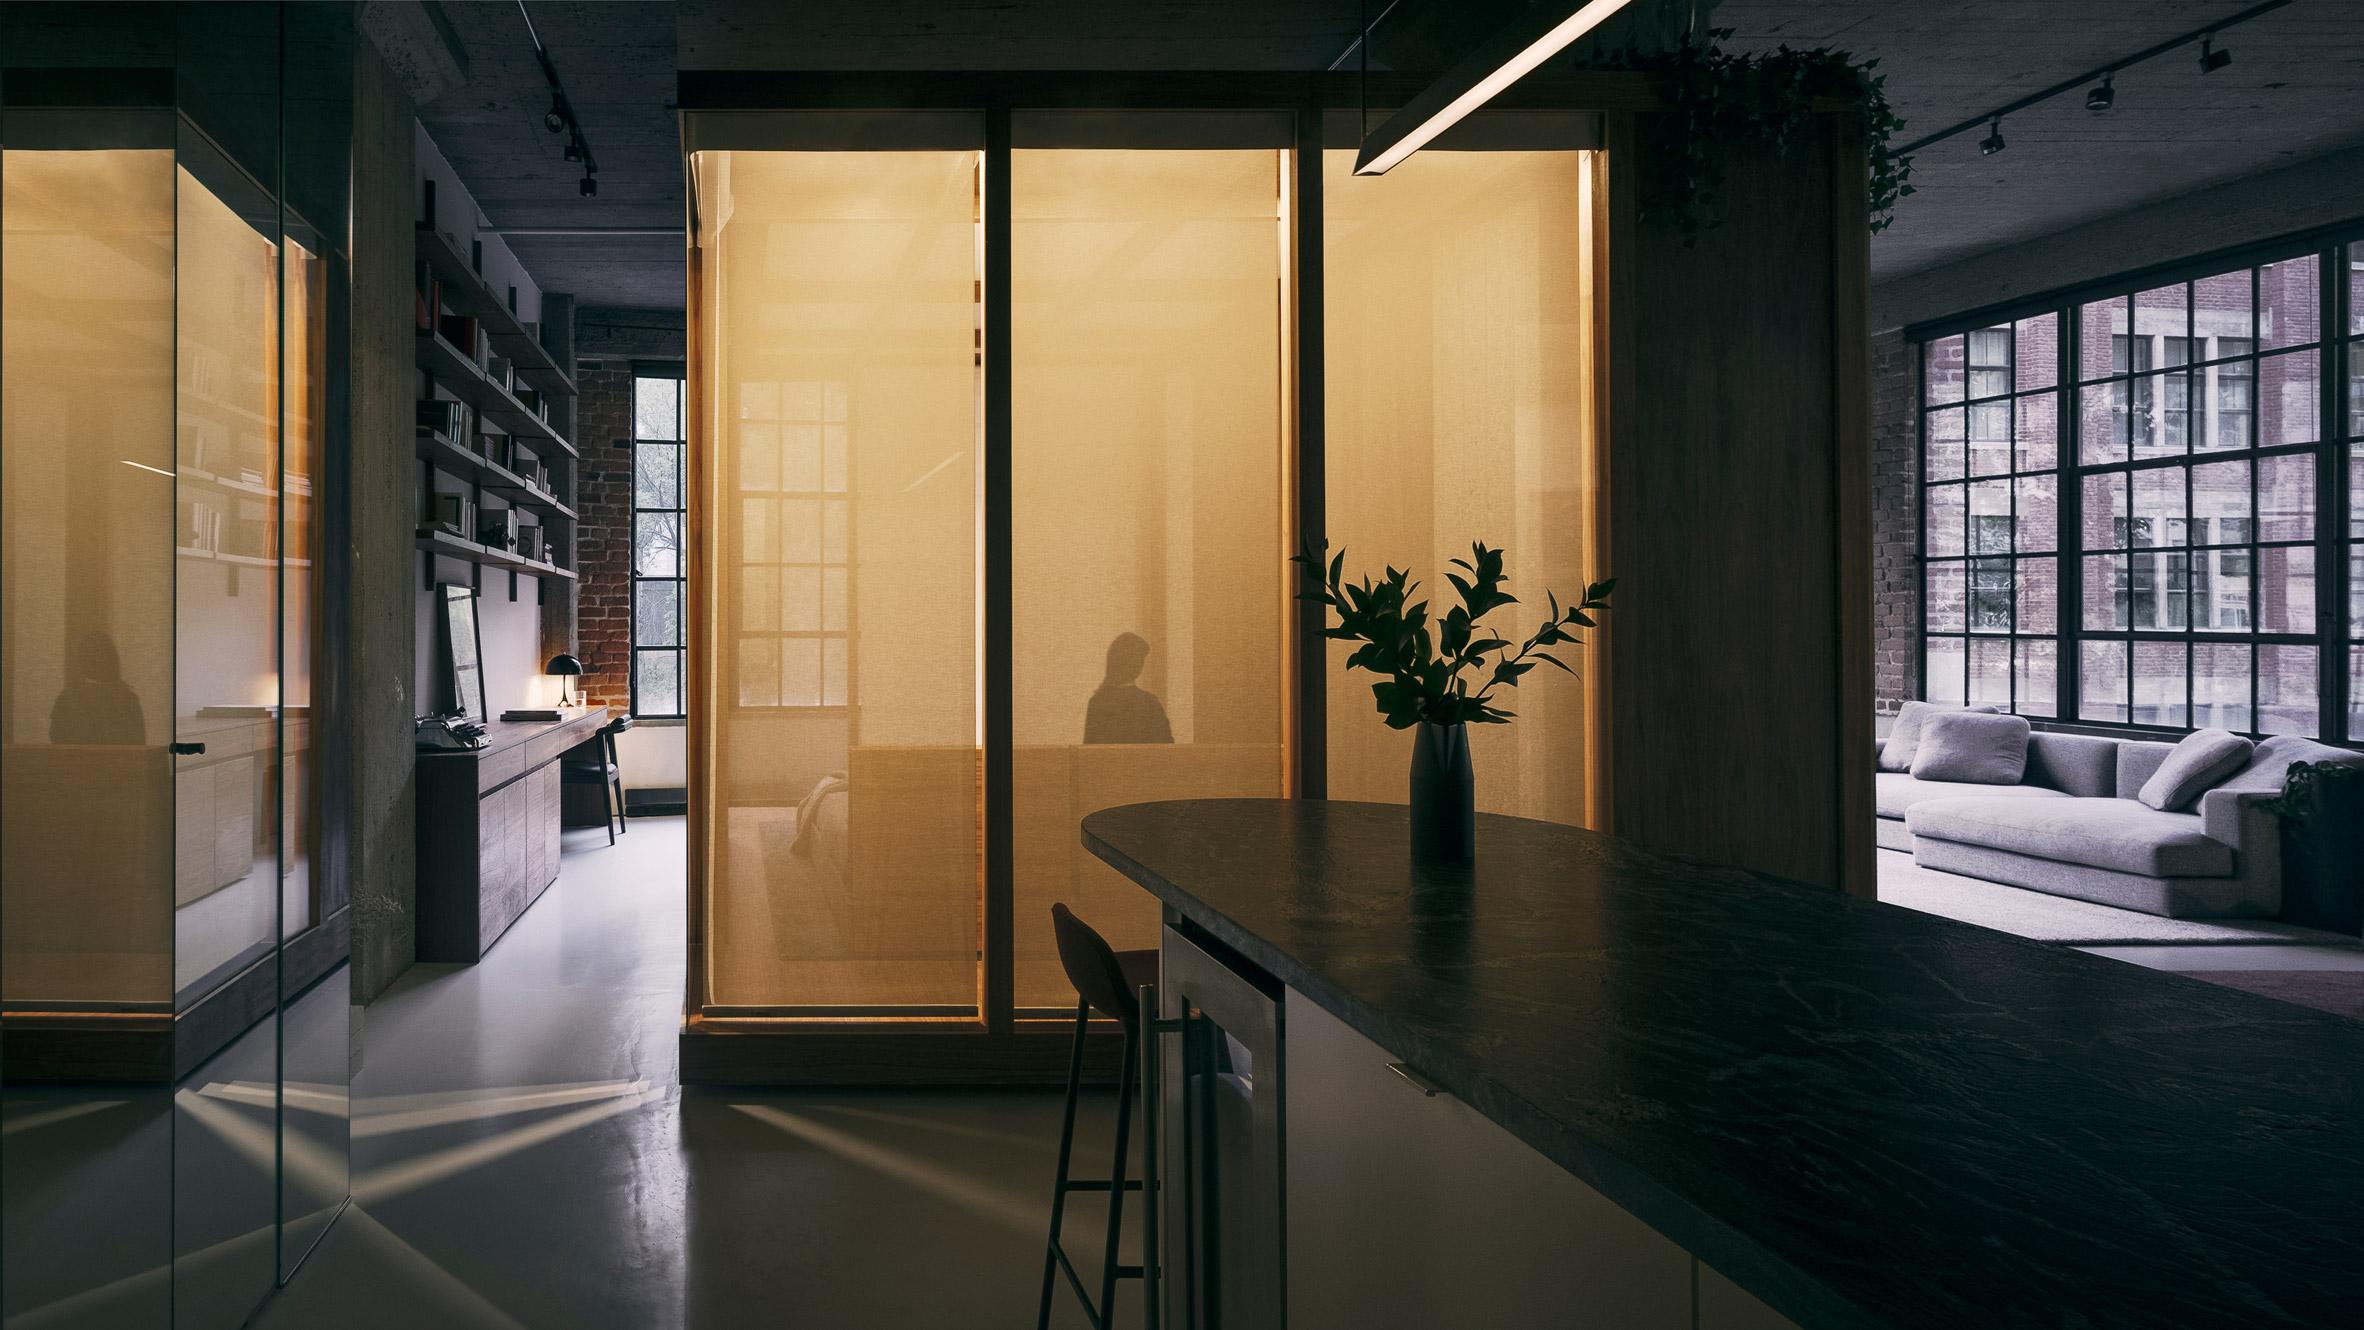 Rue de la Gauchetière's bedrooms have privacy screens